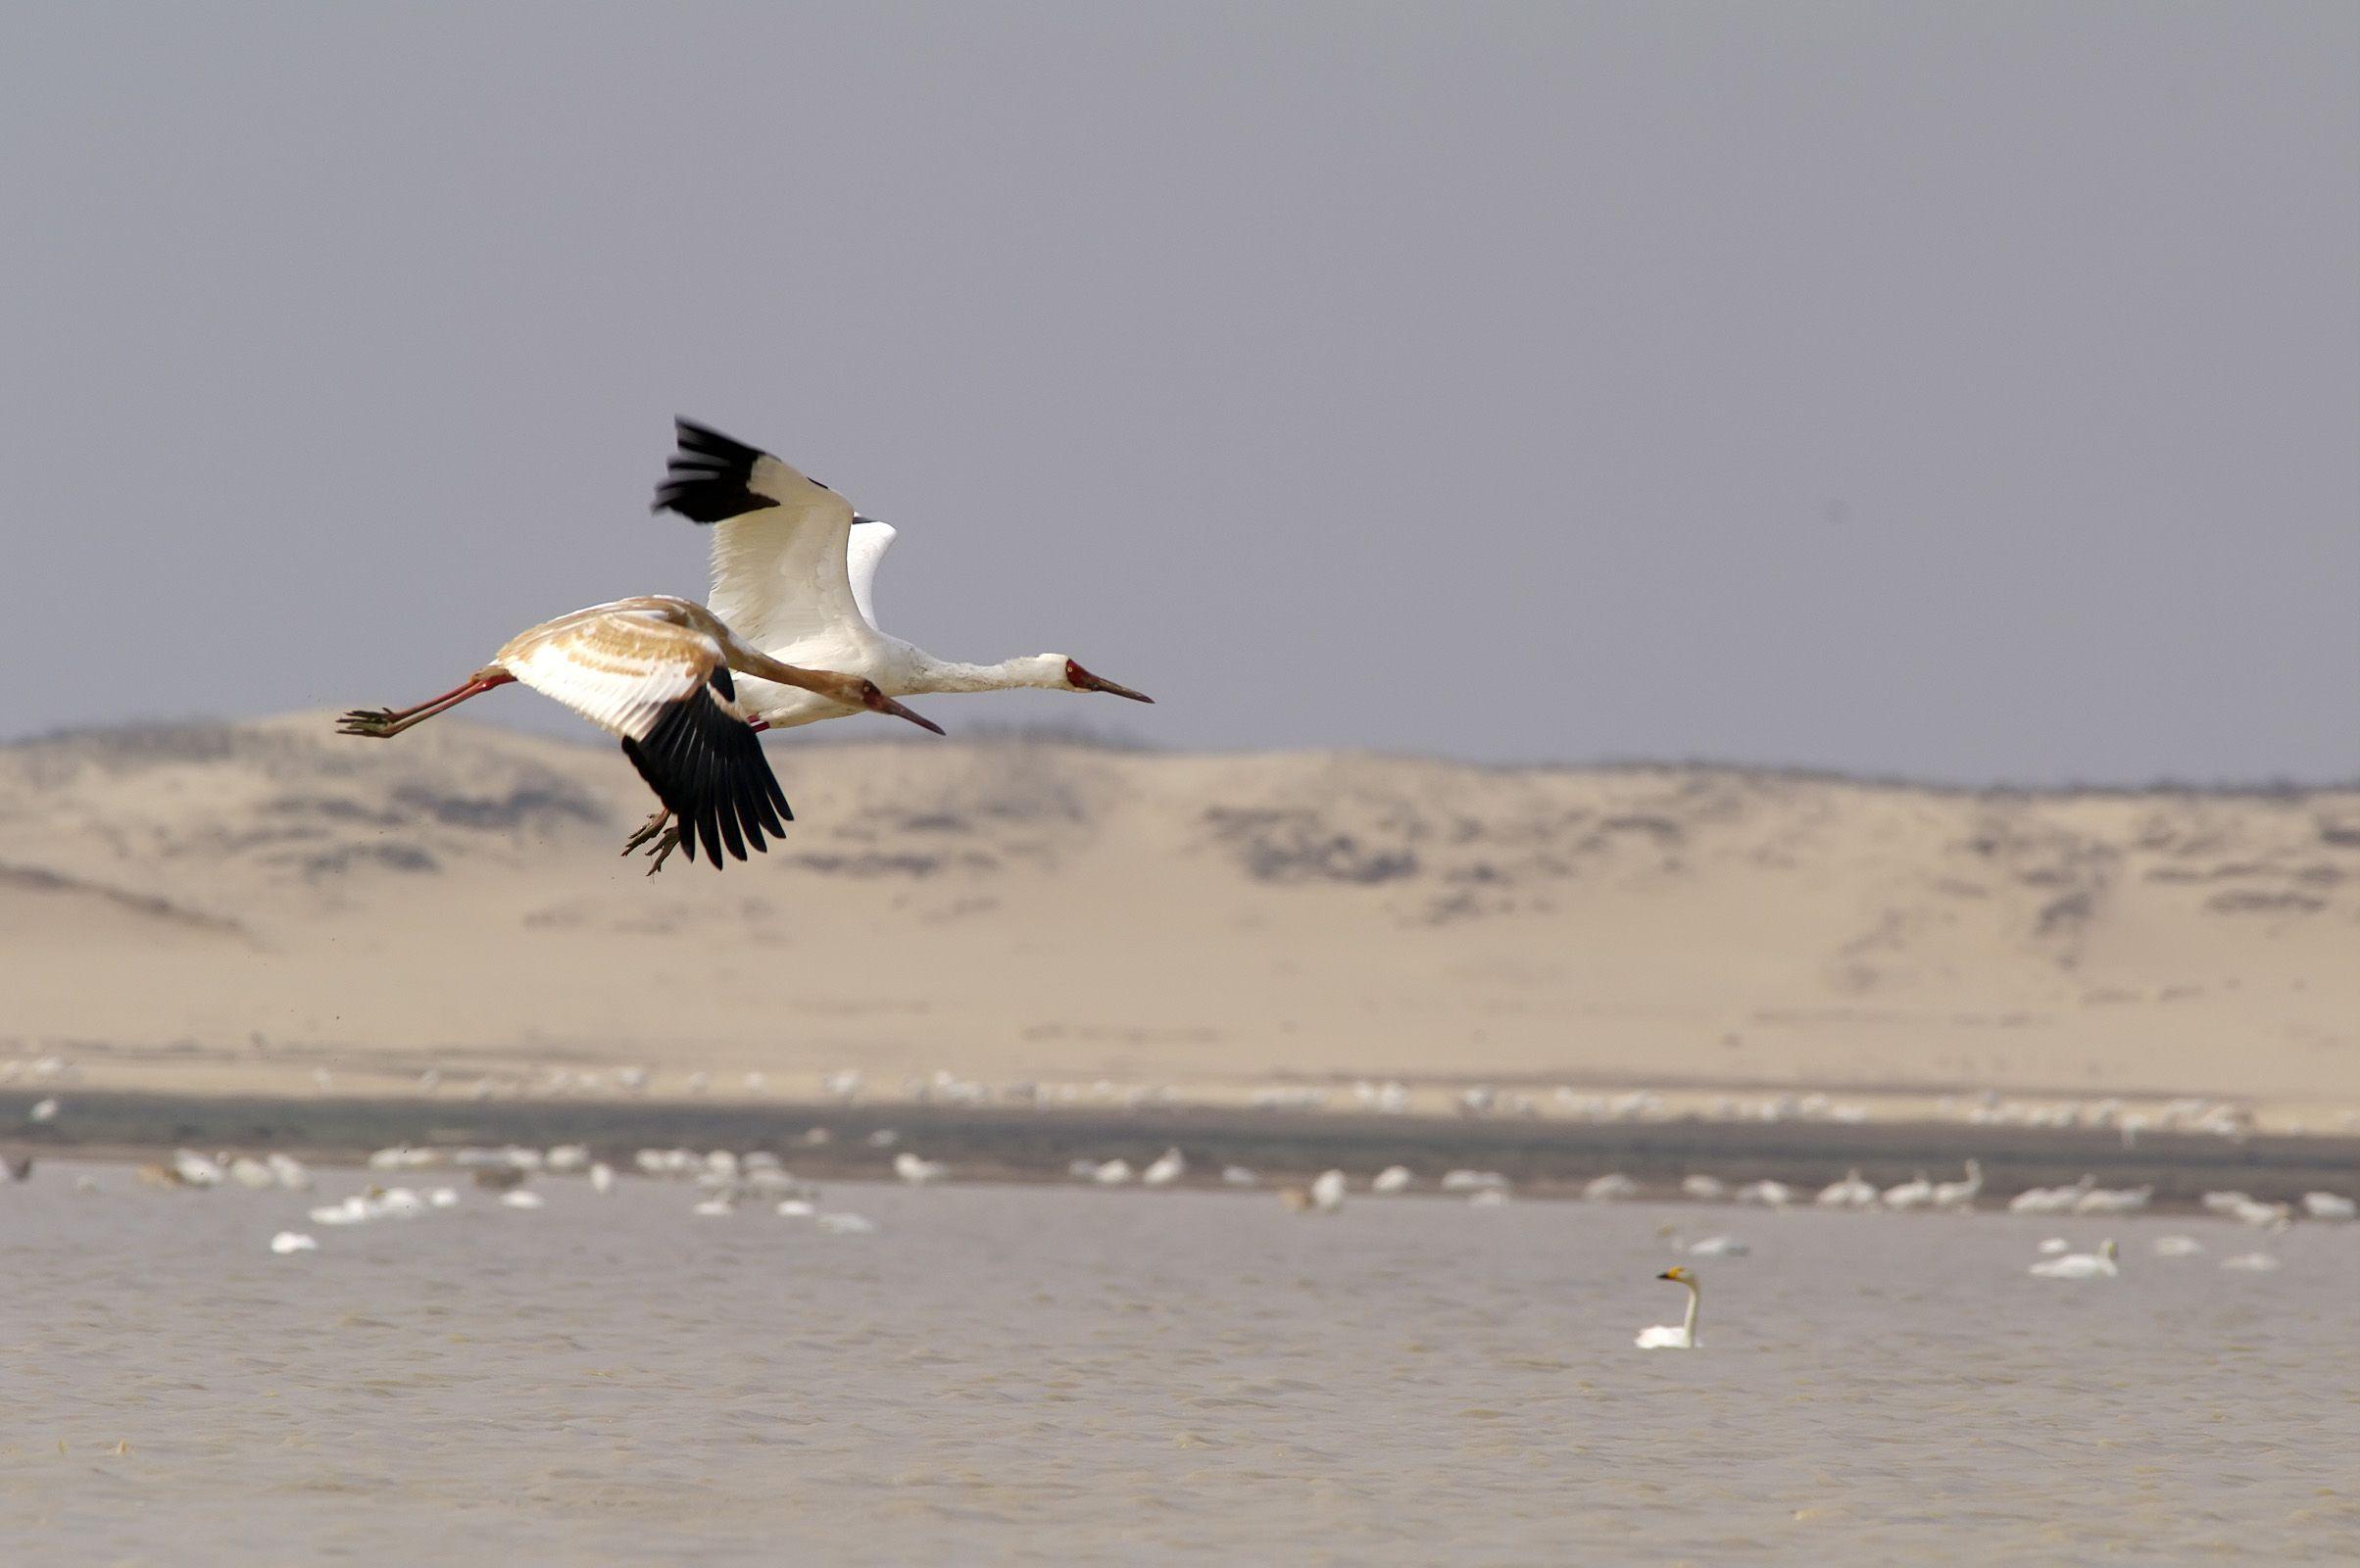 高水位将影响鄱阳湖越冬水鸟 每年超60万只水鸟越冬